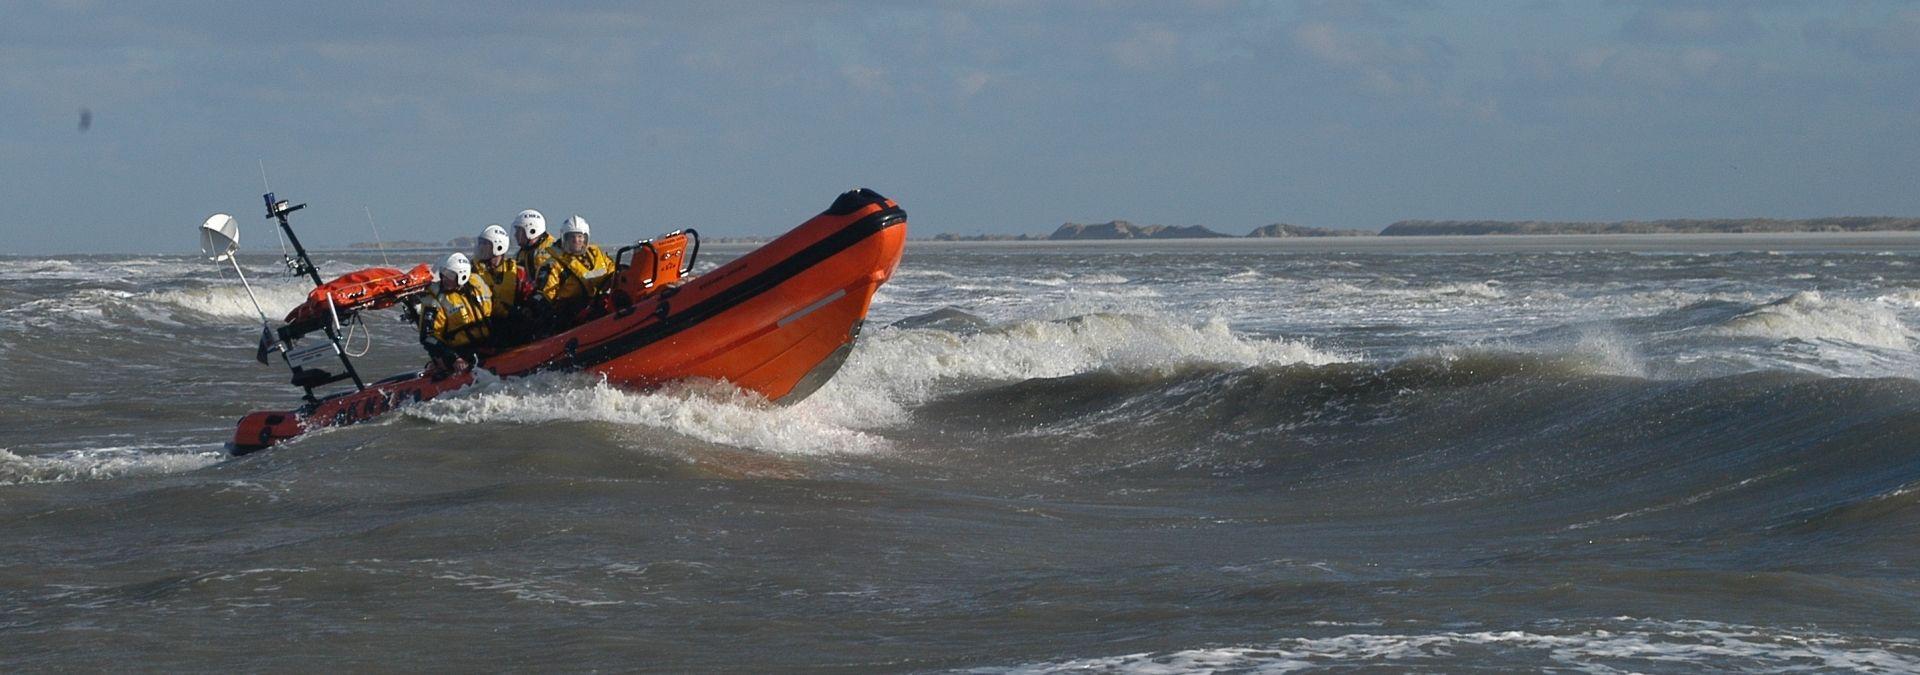 Reddingboot Edzard Jacob